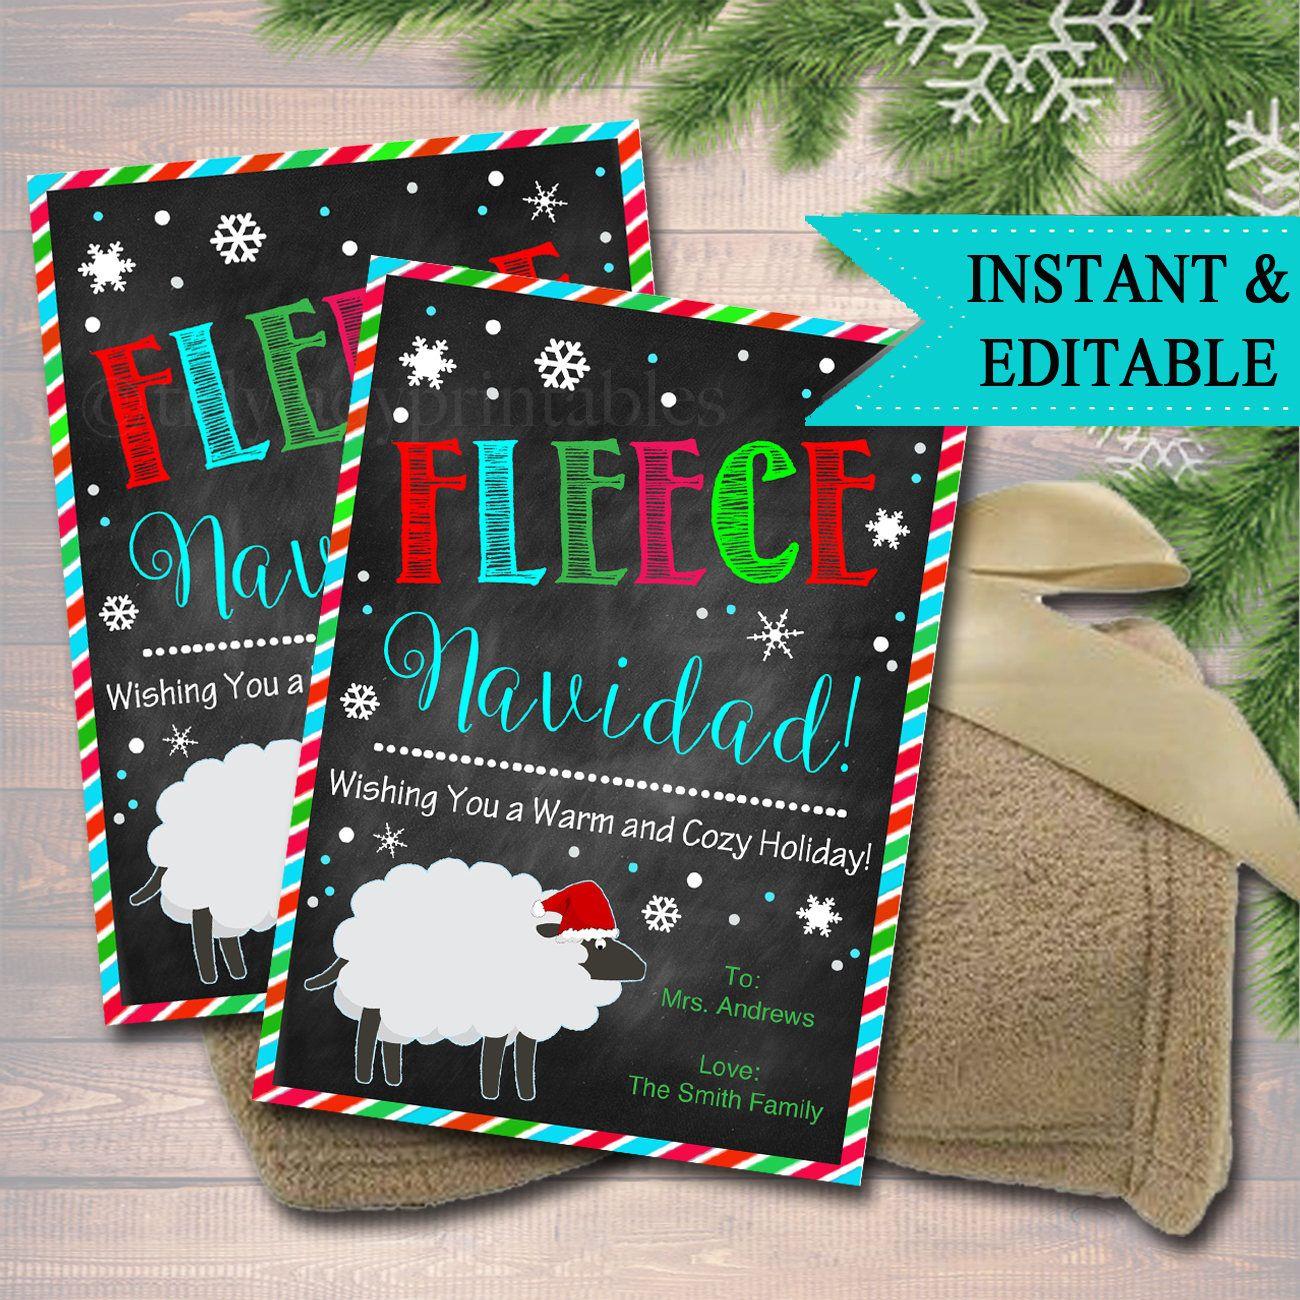 Editable fleece navidad christmas gift tags secret santa